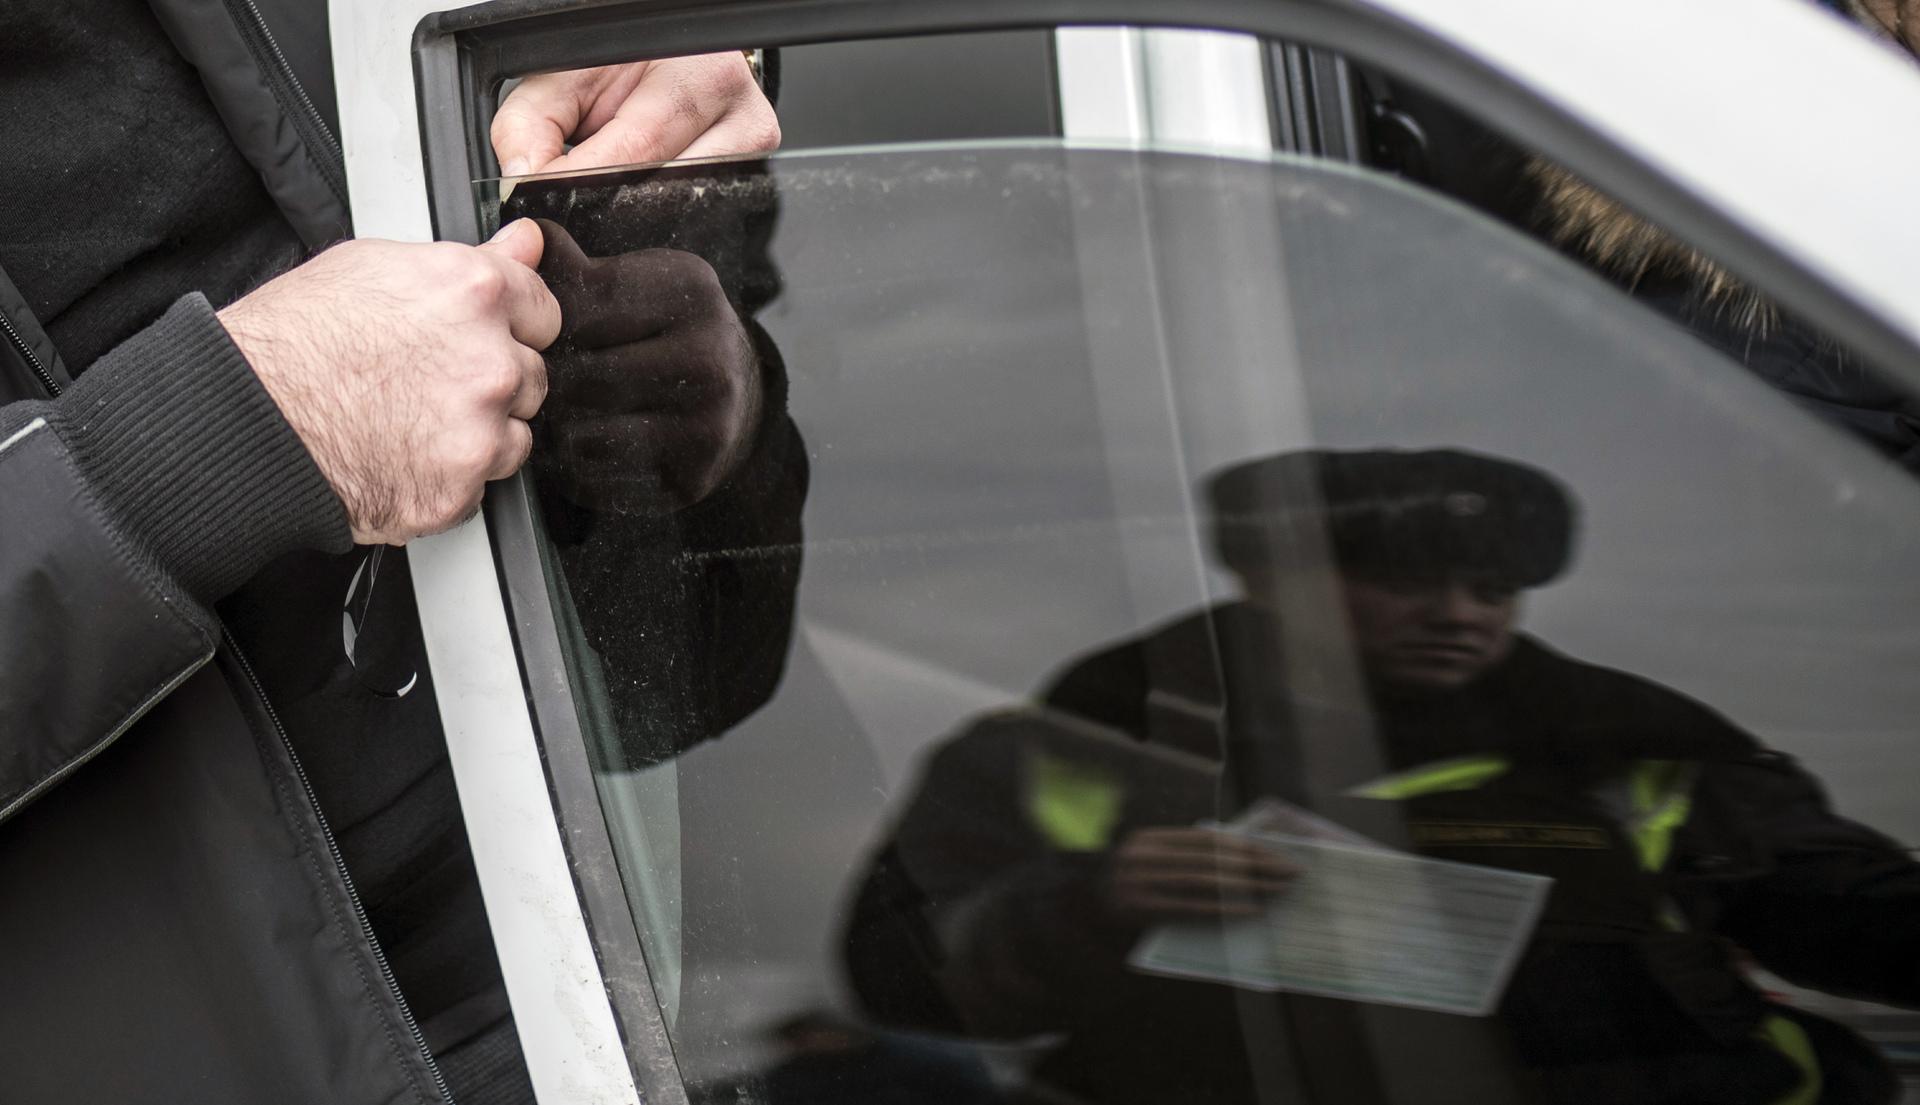 Можно избежать штрафа, сняв тонировку в присутствии инспектора